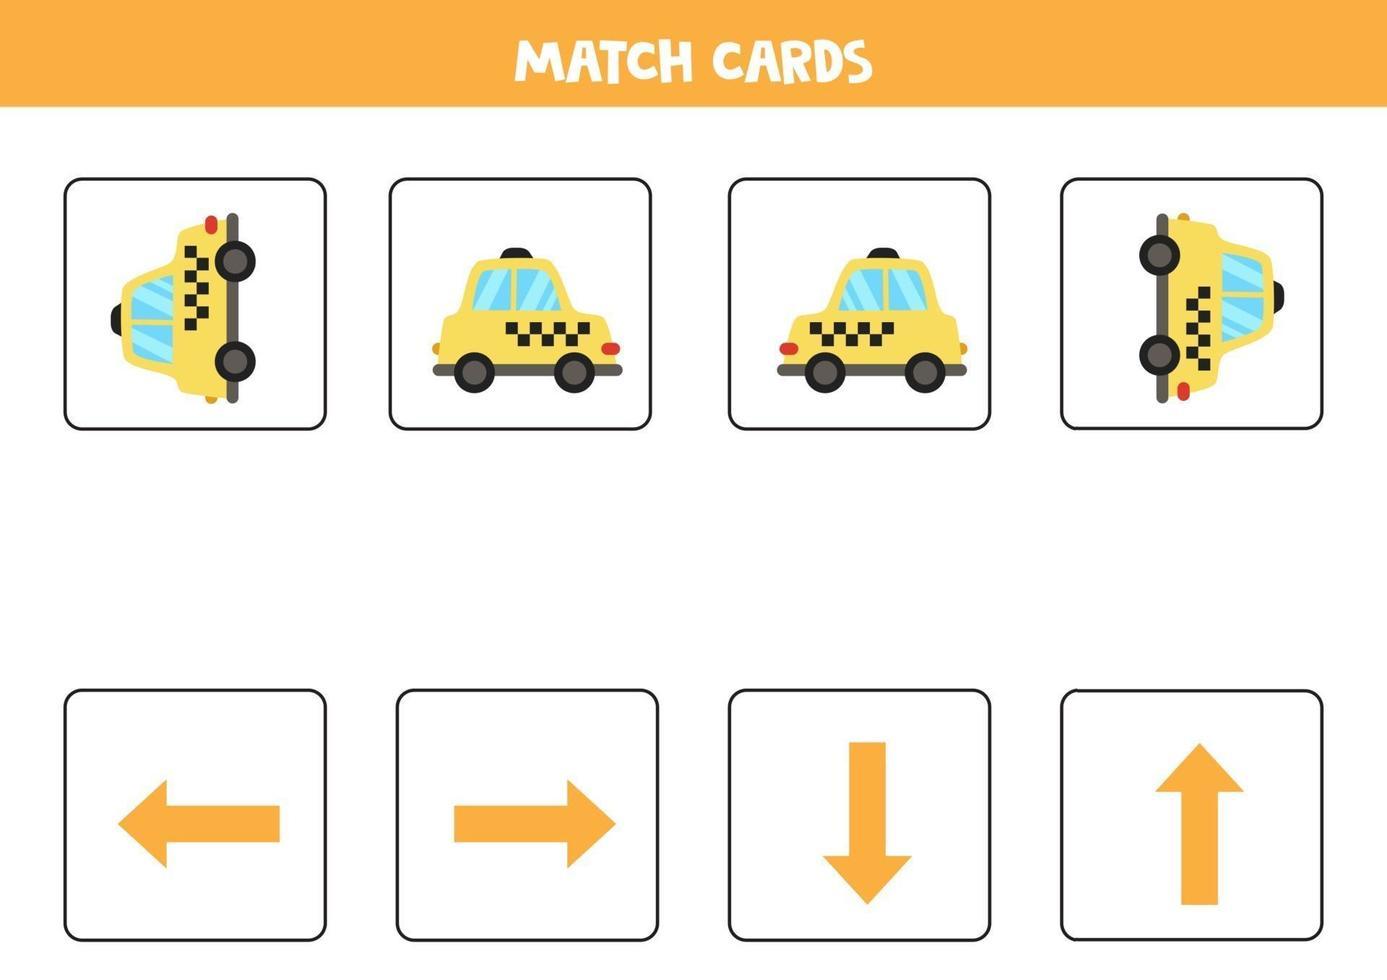 gauche, droite, haut ou bas. orientation spatiale avec taxi de dessin animé. vecteur